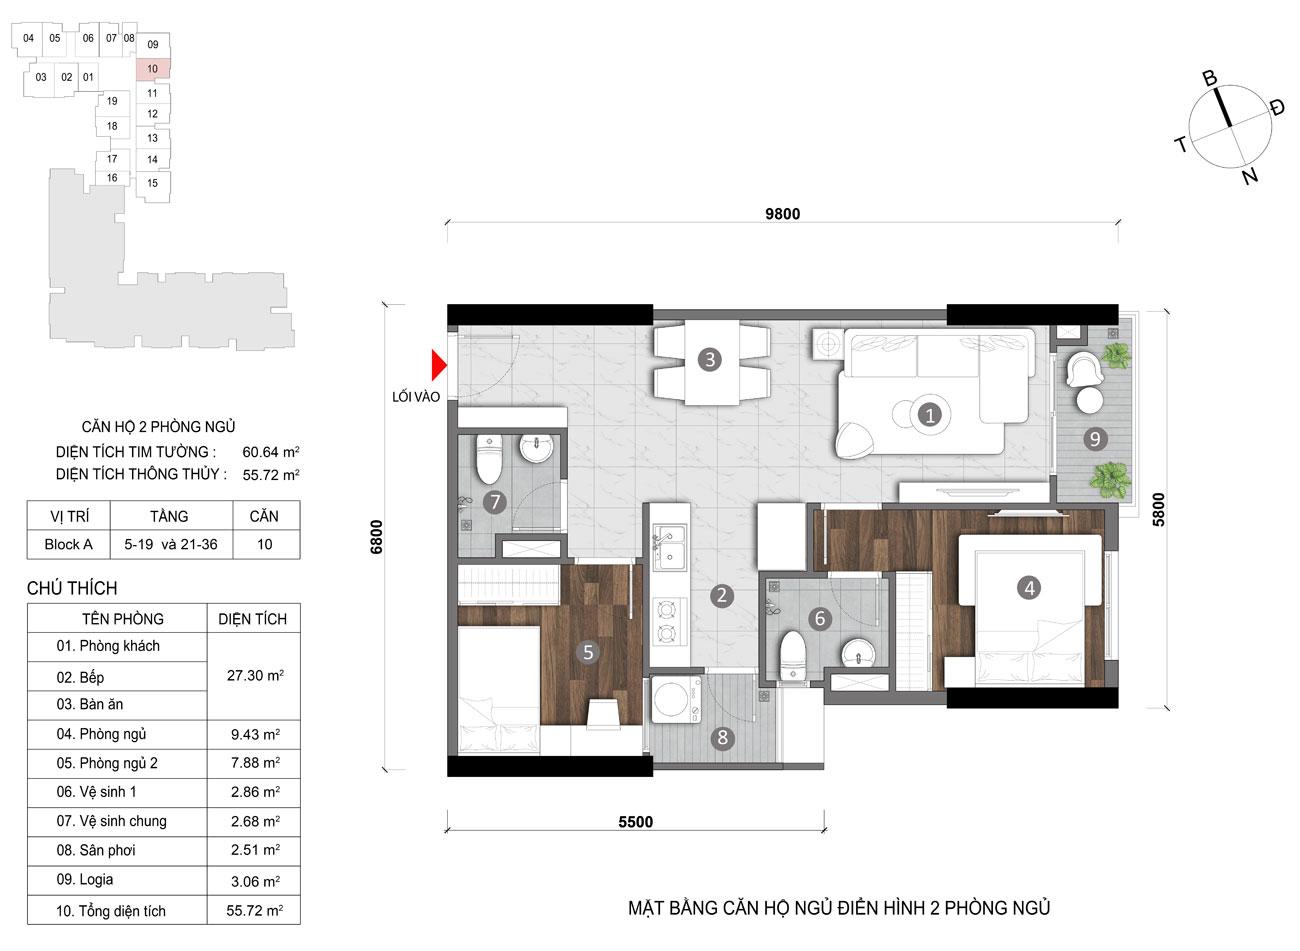 Thiết kế chi tiết căn hộ diện tích 55m2 dự án căn hộ chung cư Opal Skyline Thuận An Đường Nguyễn Văn Tiết chủ đầu tư Đất Xanh